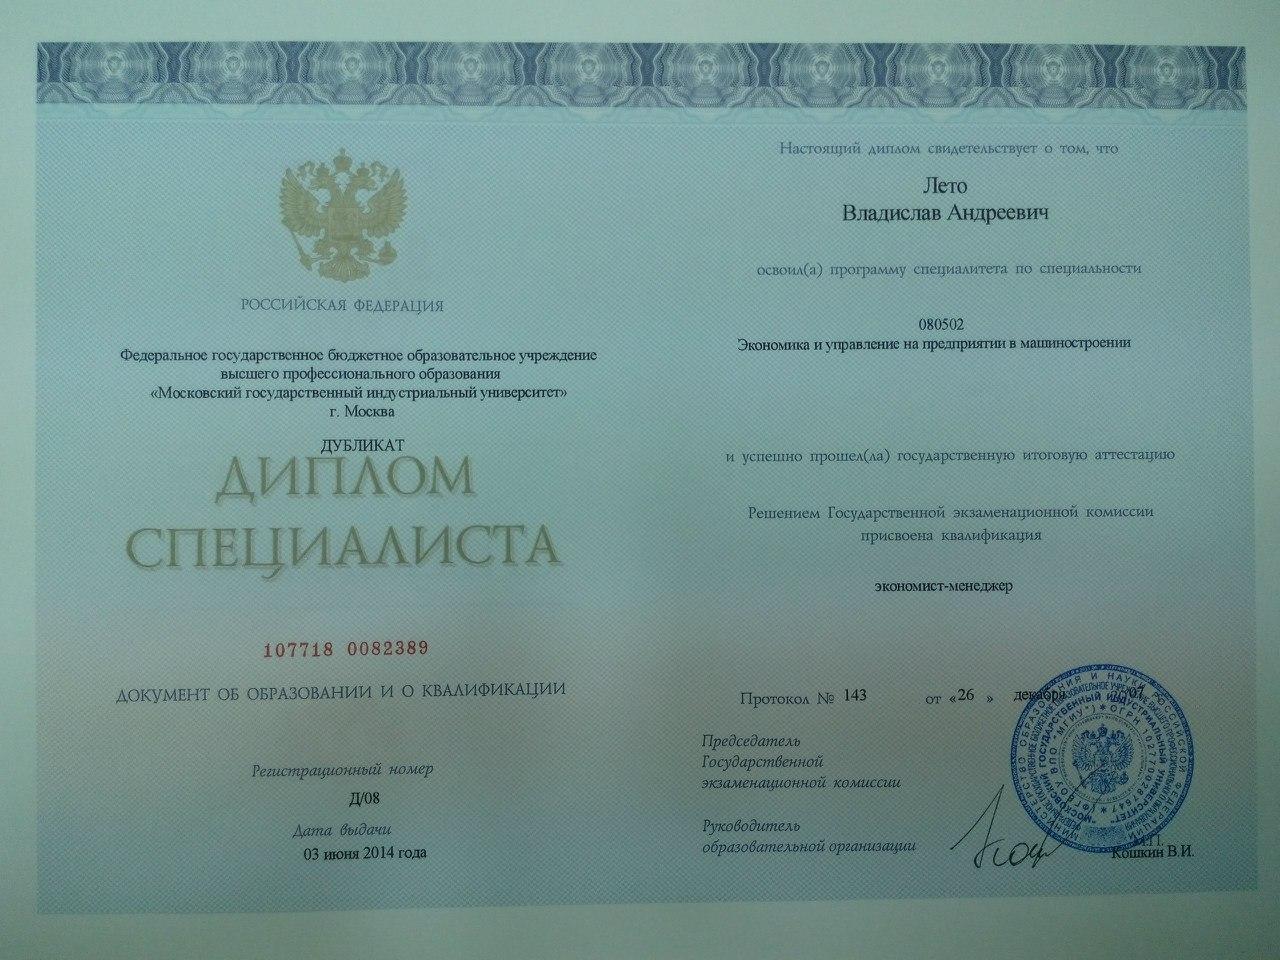 О себе Психолог Владислав Лето Диплом о высшем экономическом образовании